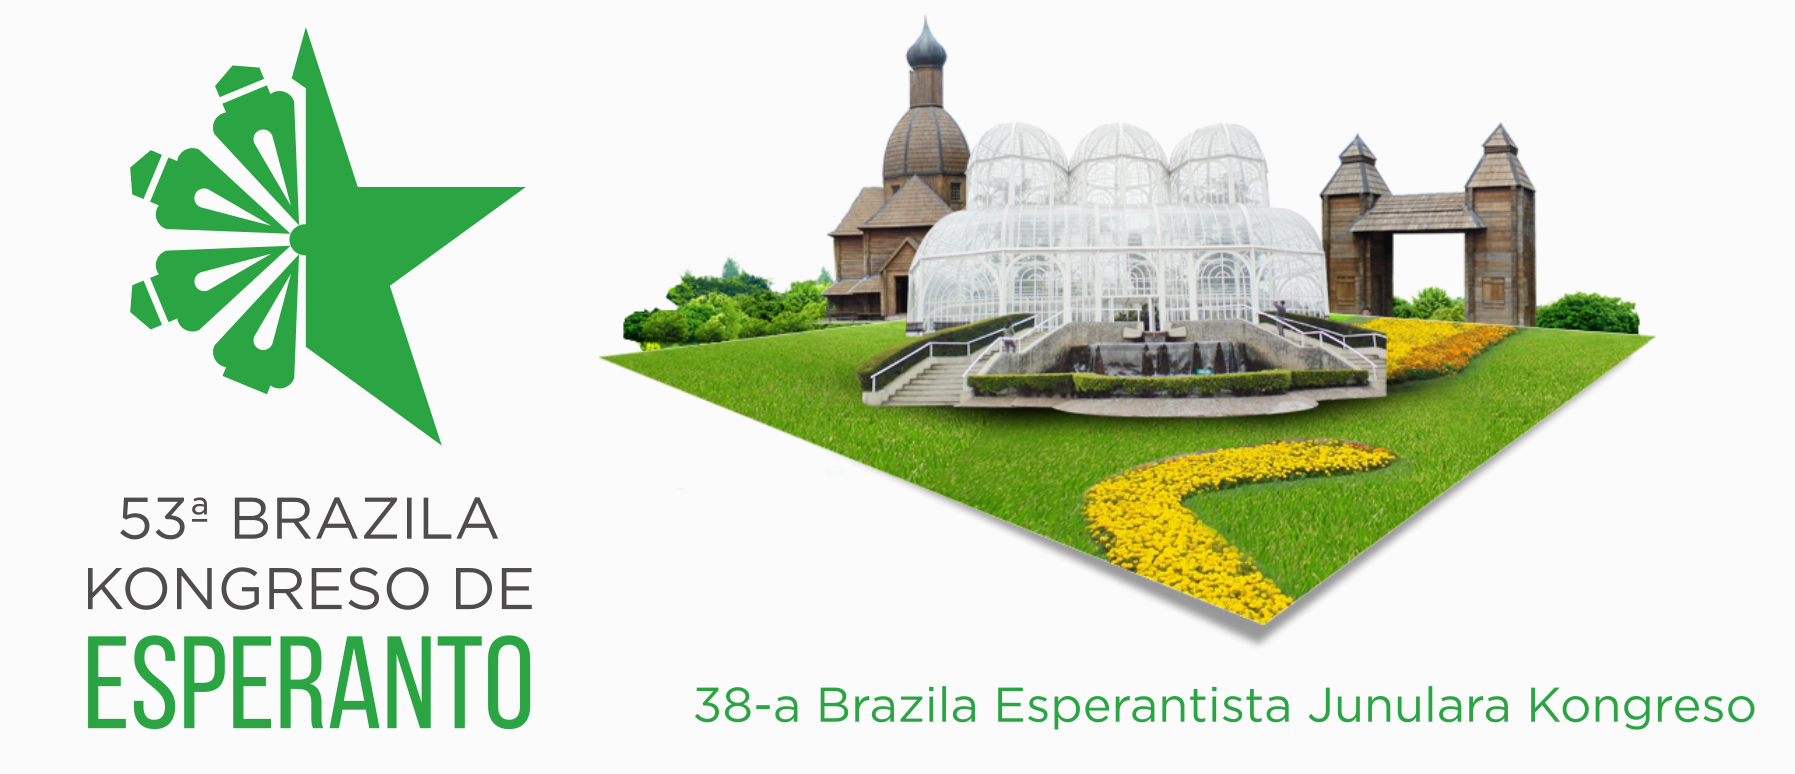 53ème Congrès Brésilien d'Espéranto + 38ème Congrès de l'Association des Jeunes Espérantophones Brésiliens, à Curitiba, Paraná, du 31 mai au 03 juin 2018